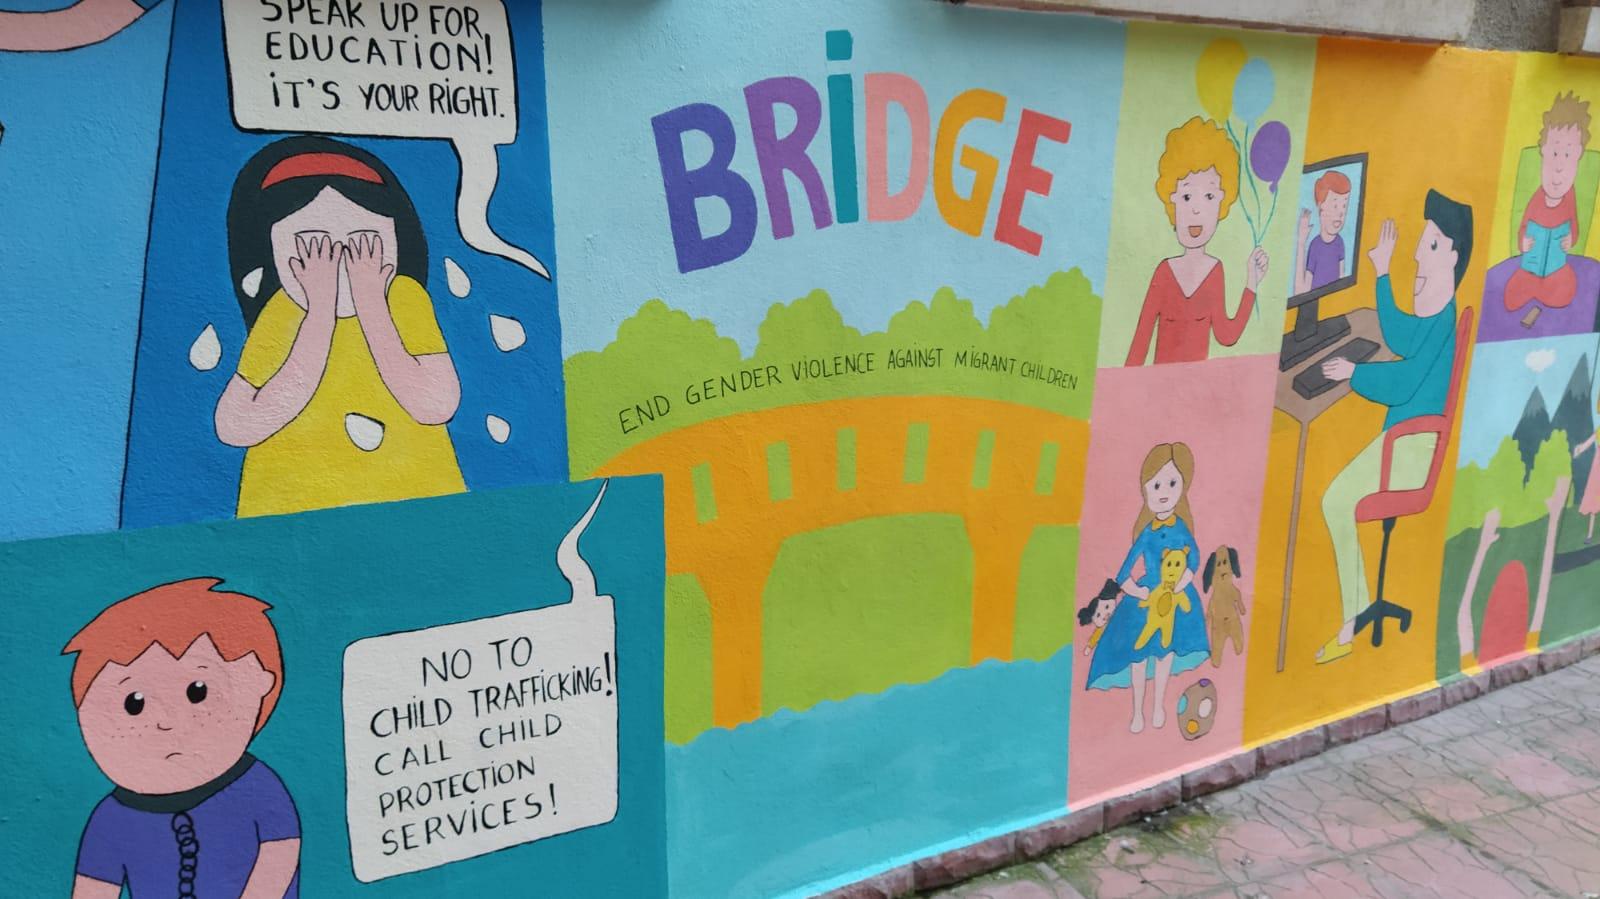 BRIDGE - Soluții și metode inovatoare împotriva violenței de gen